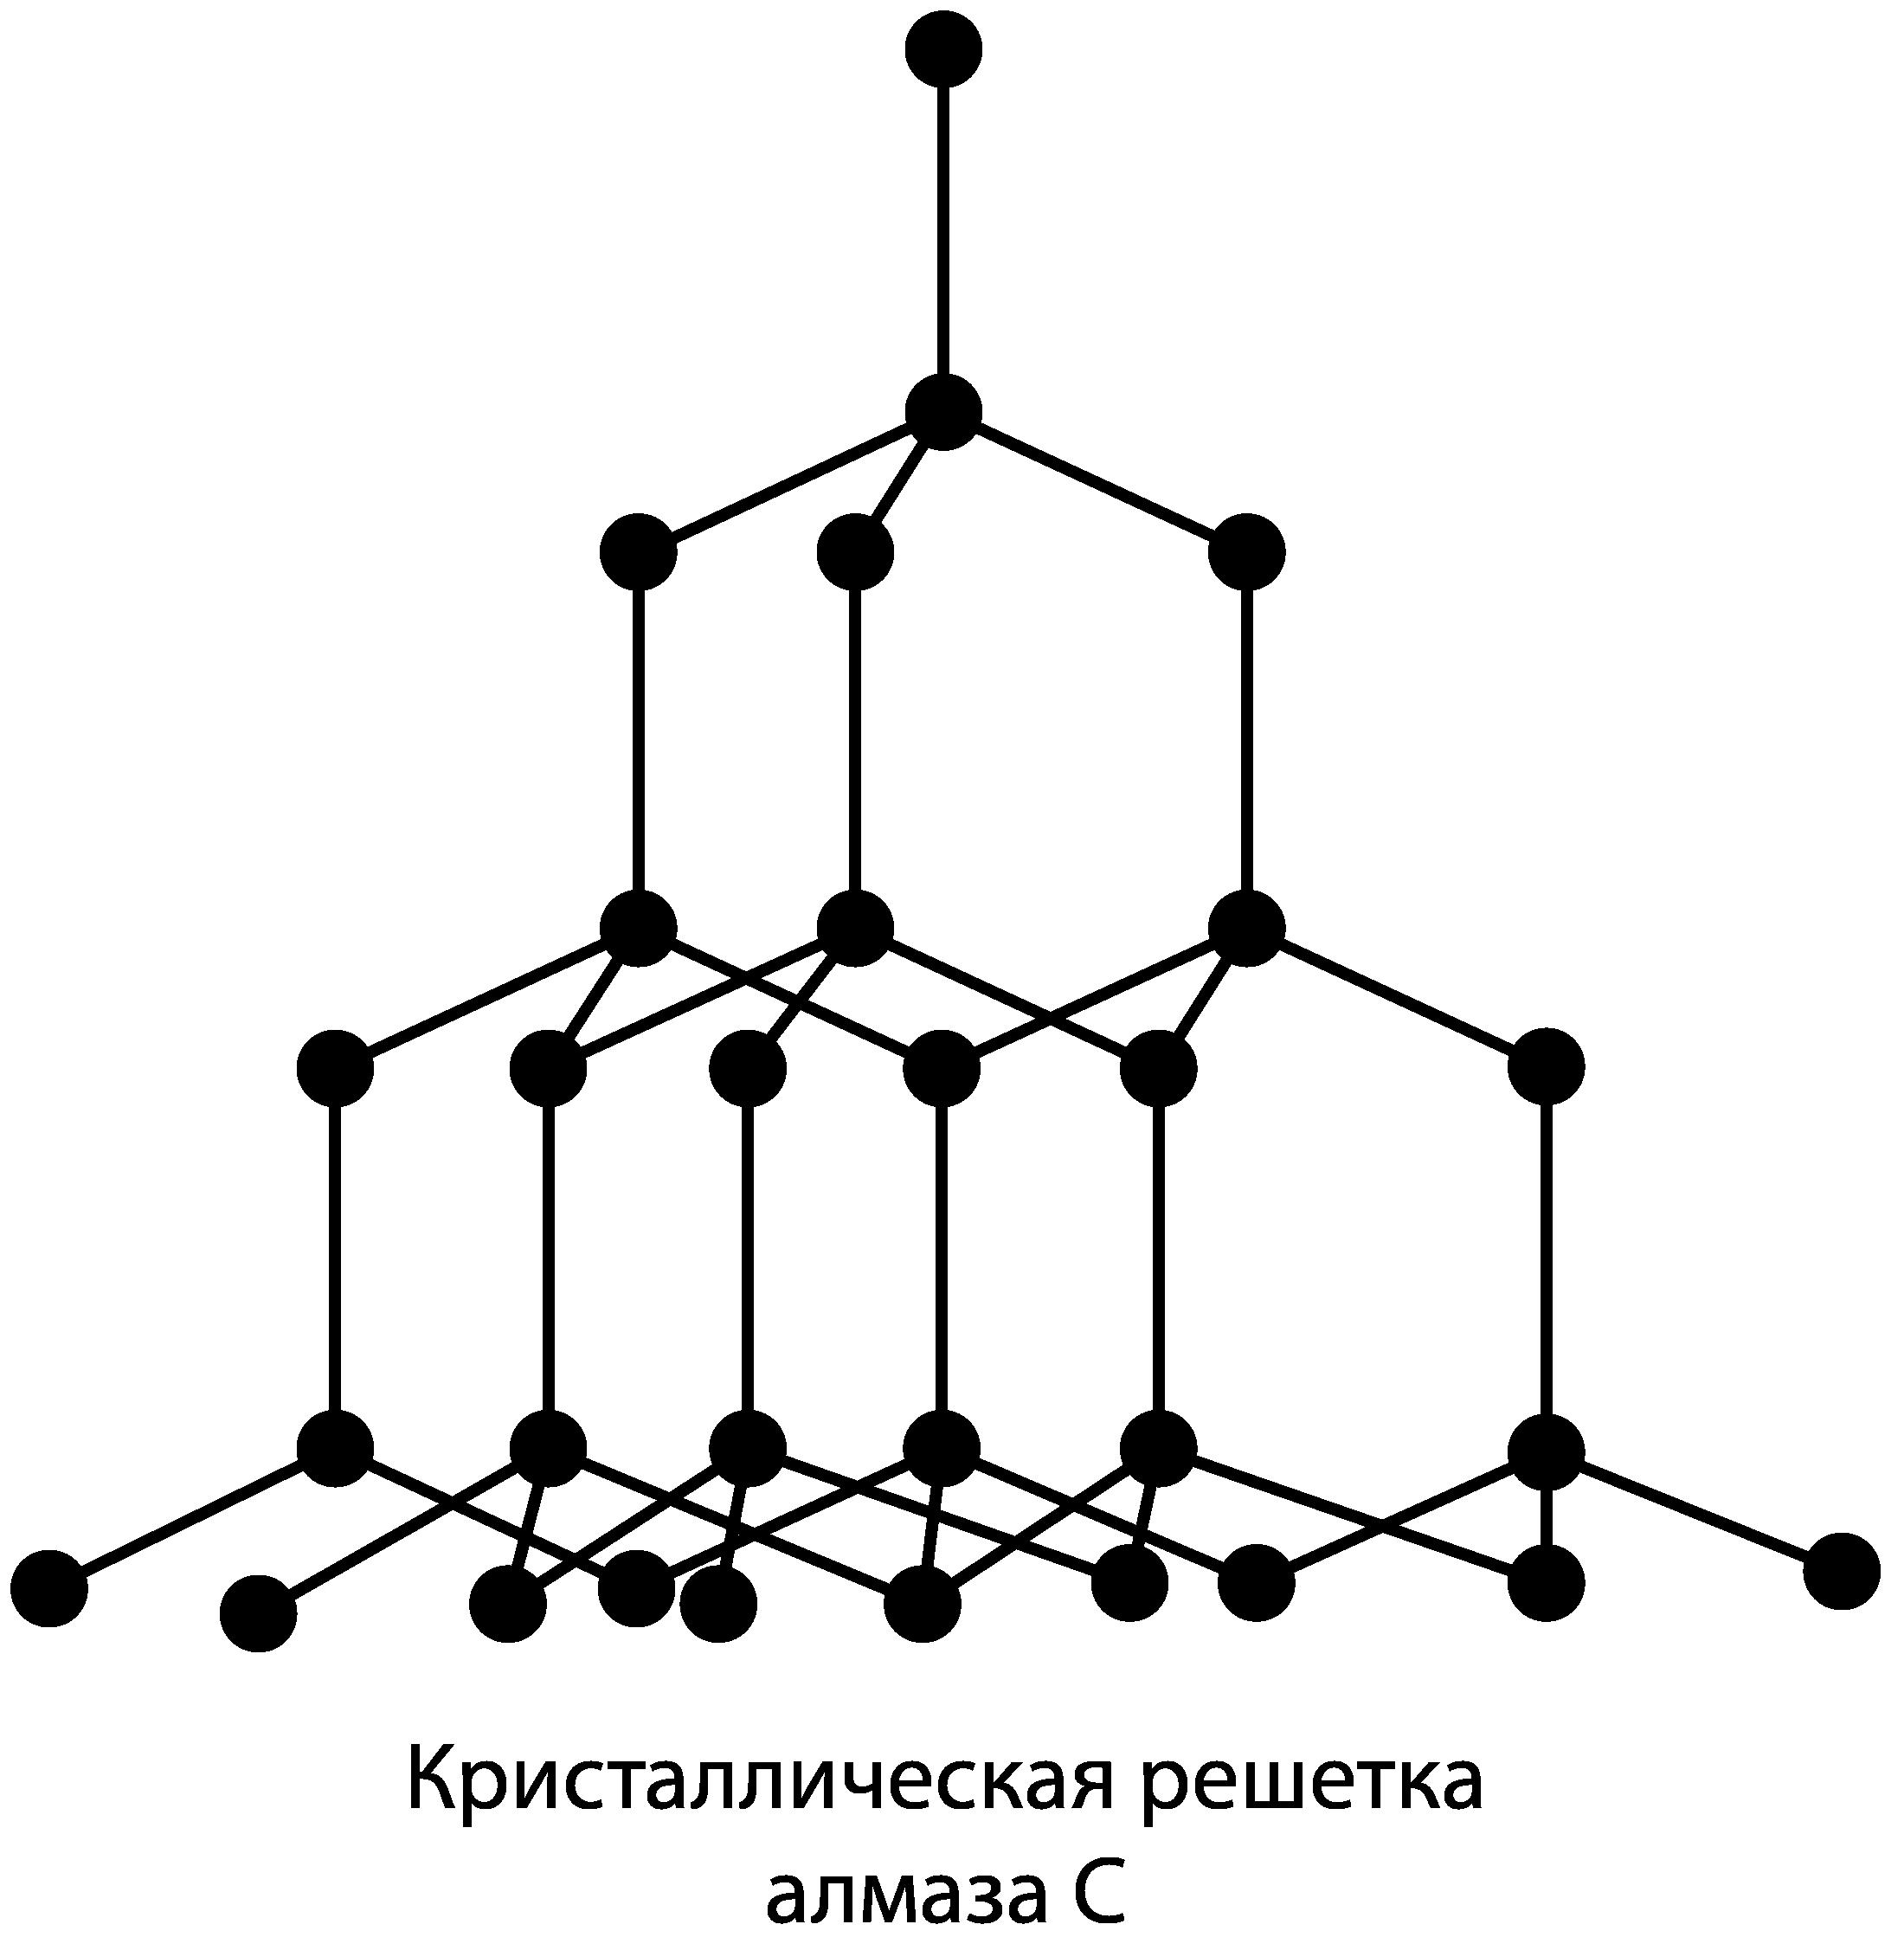 кристалл алмаза имеет форму тетраэдра